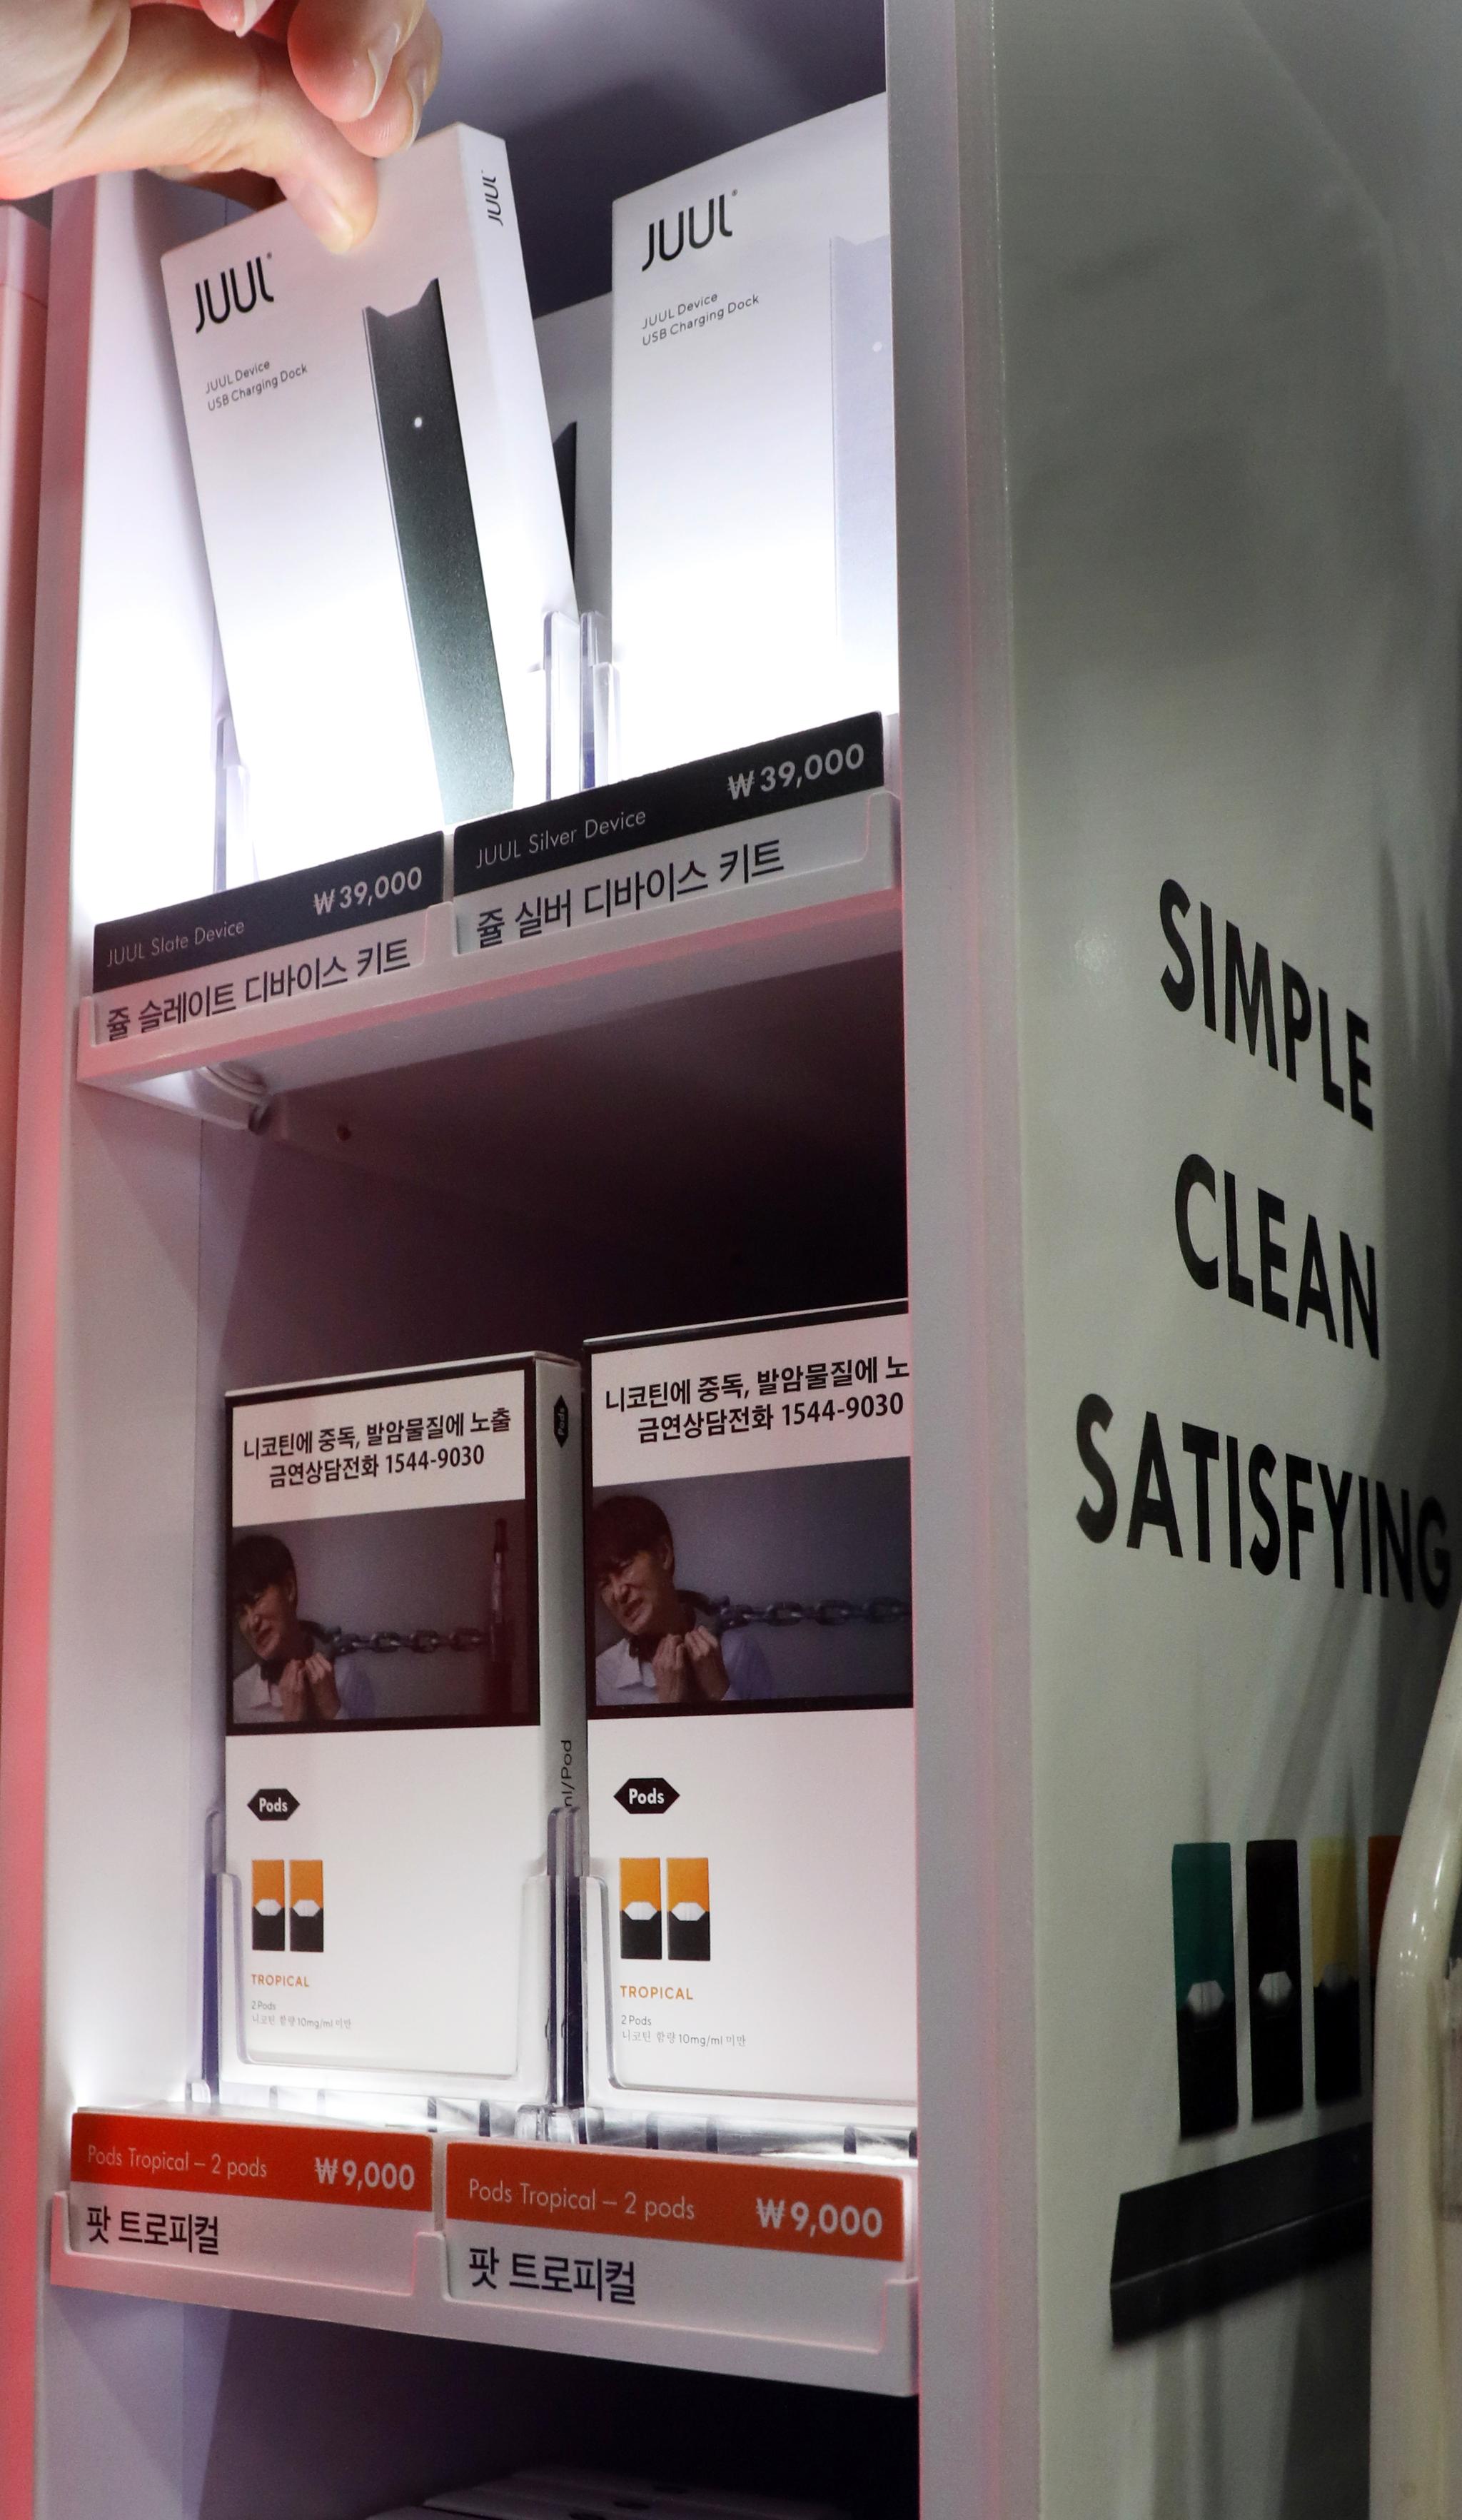 서울 시내 한 편의점에 액상형 전자담배 기기 등이 진열돼 있는 모습. [뉴스1]